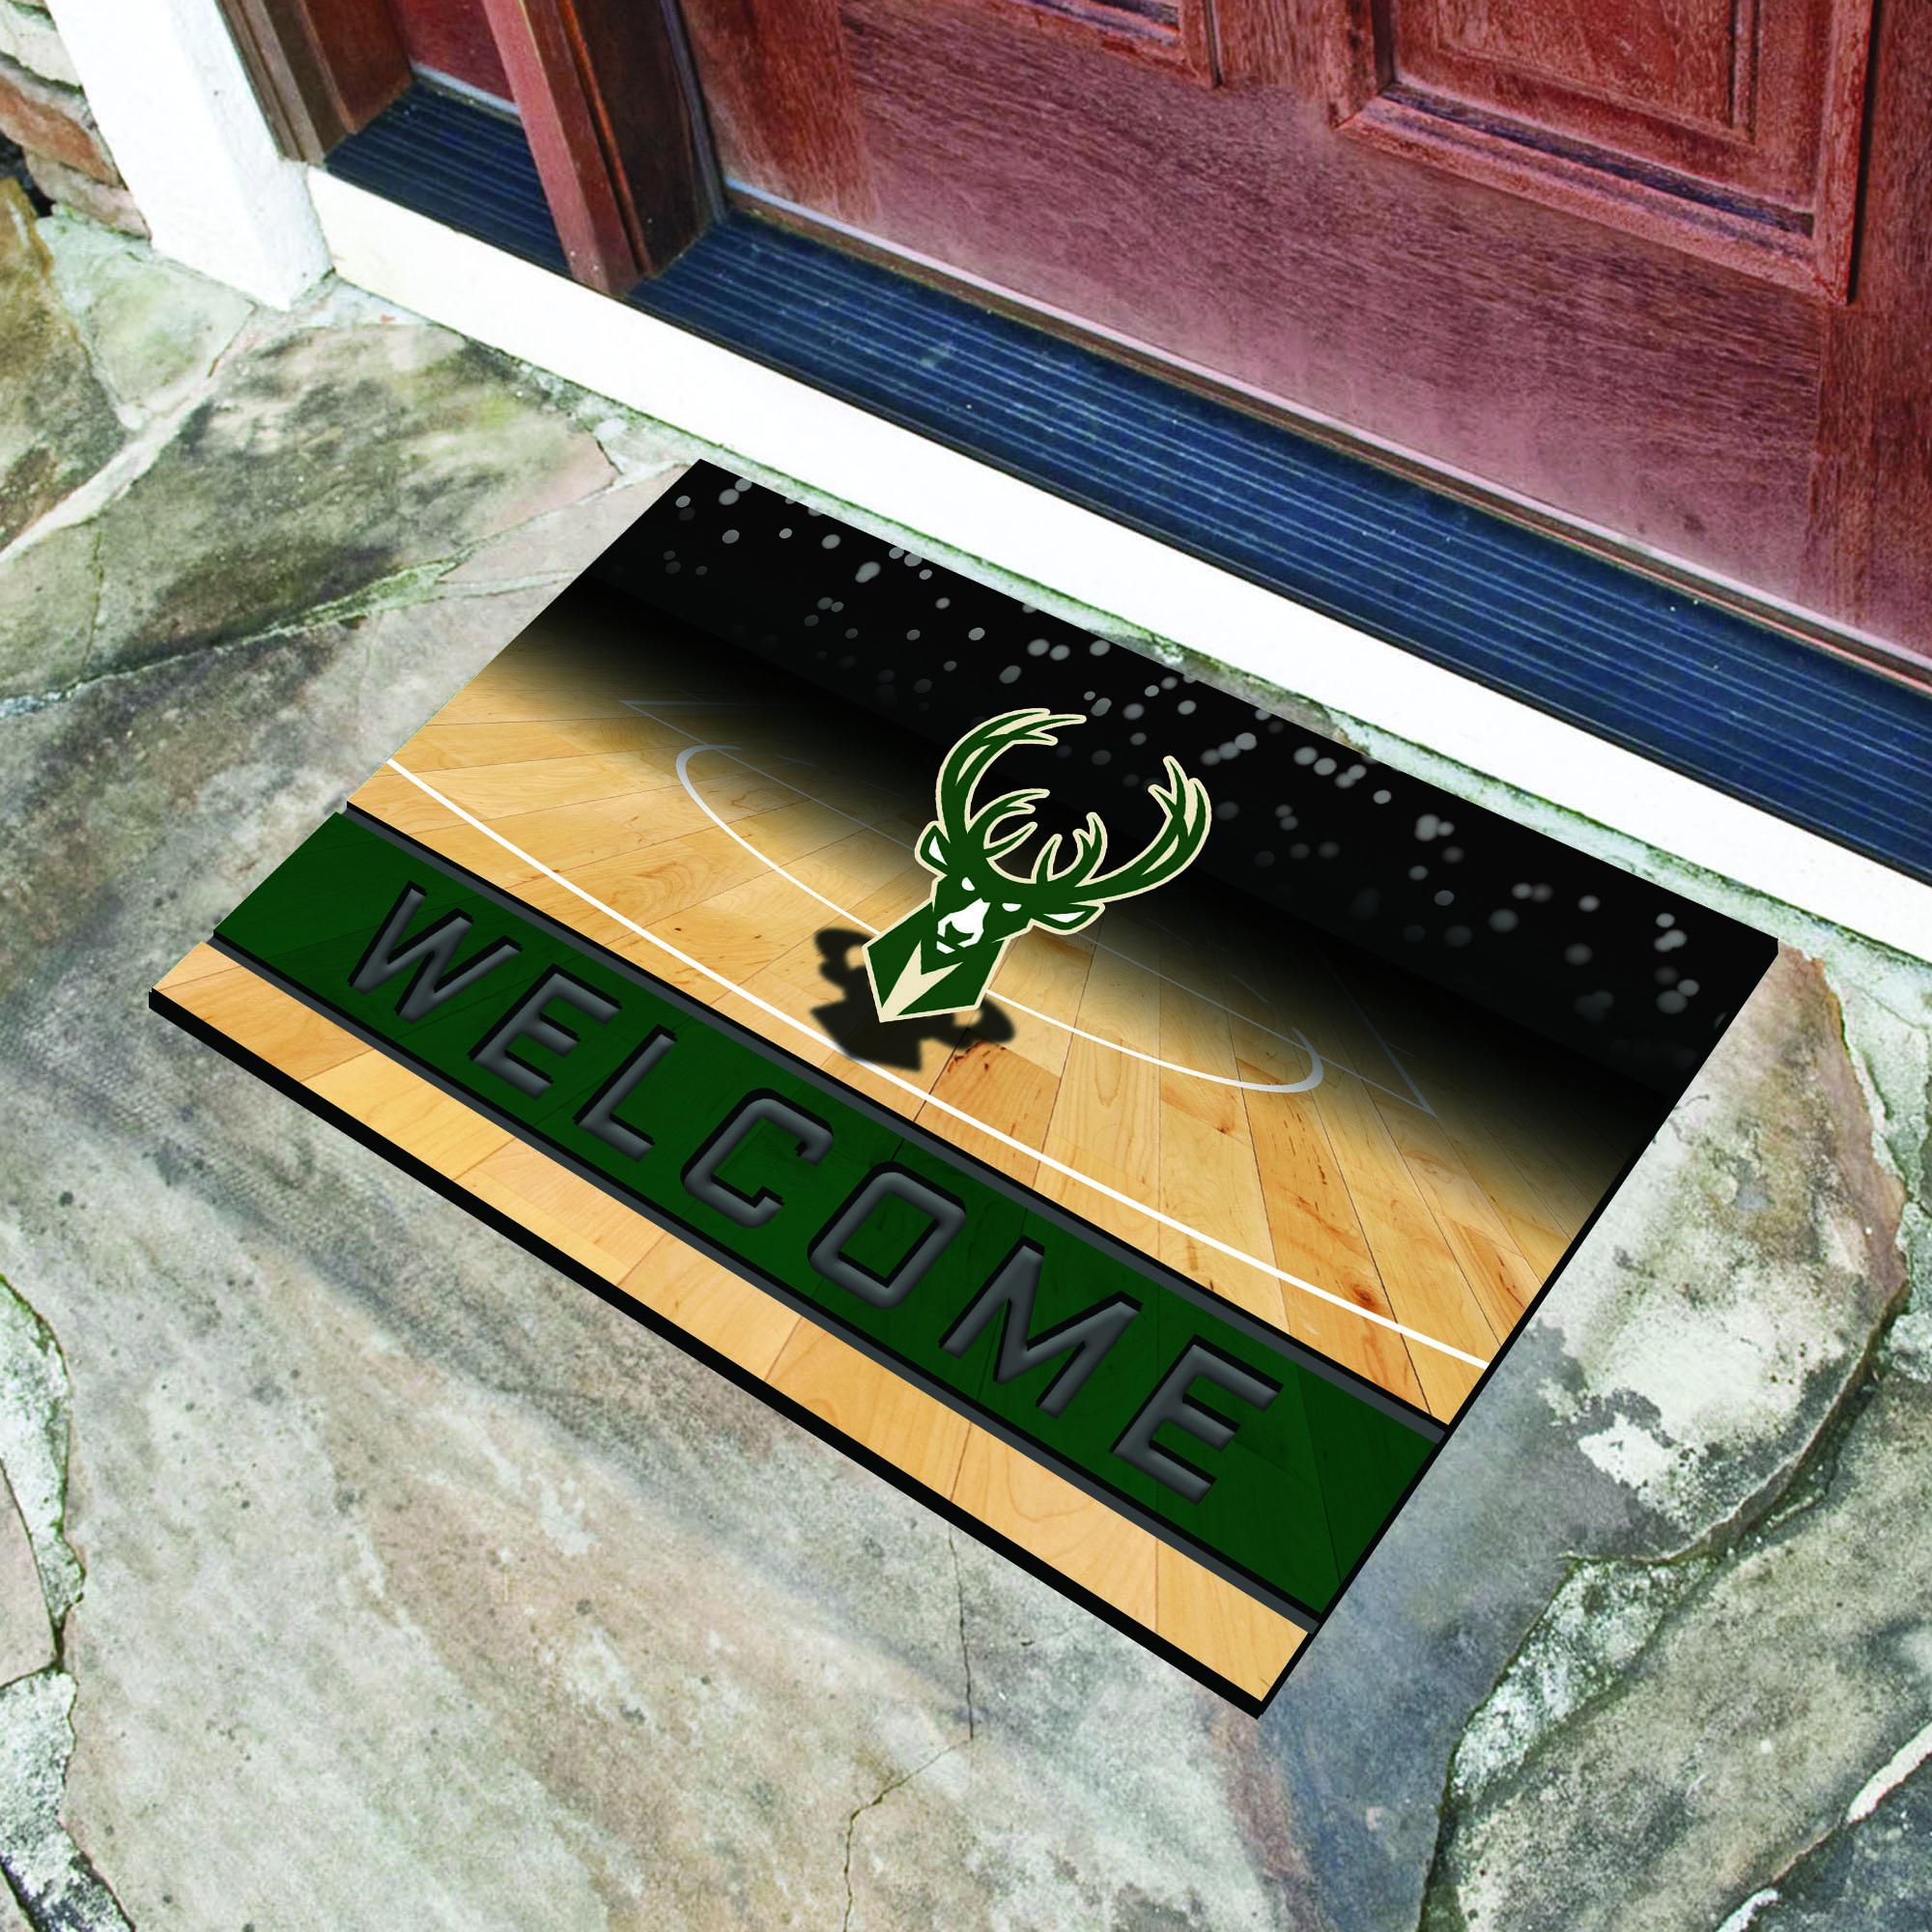 Bucks fan Doormat Milwaukee Bucks Doormat Basketball Doormat Bucks Doormat